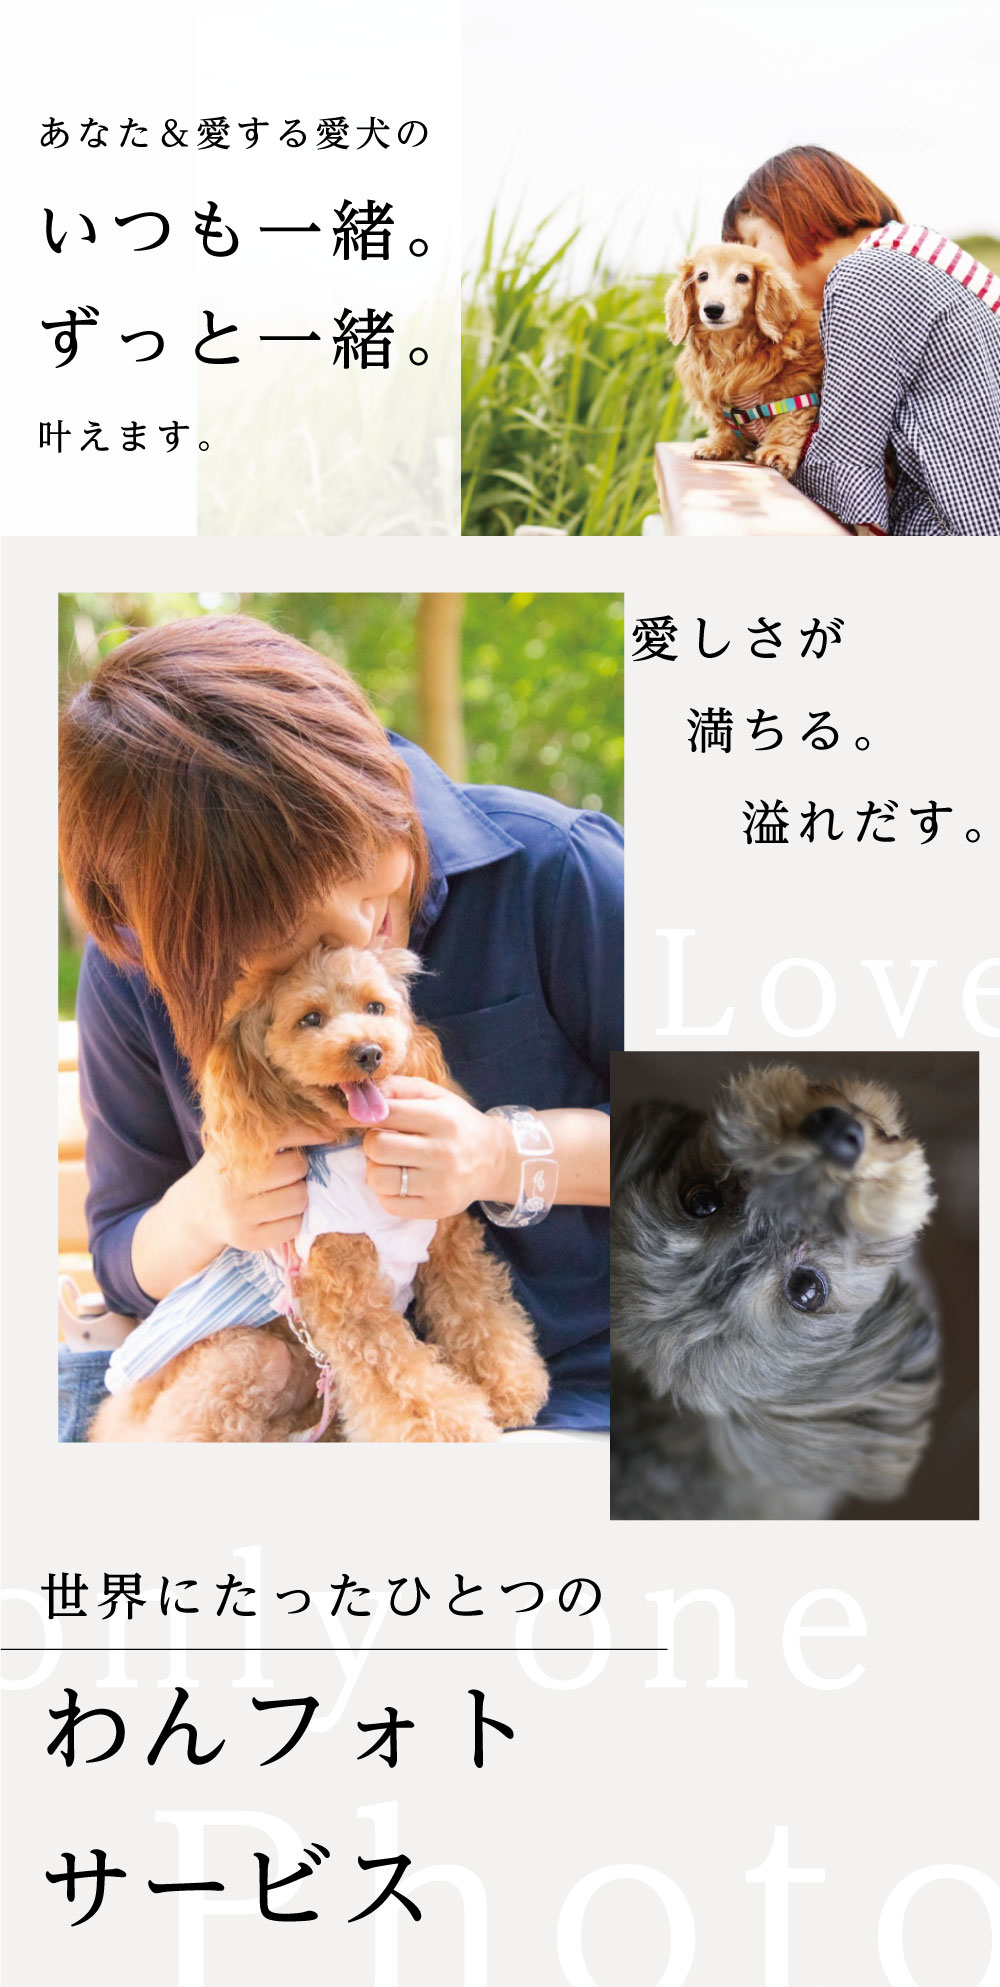 あなた&愛犬のいつも一緒。ずっと一緒。を叶えます。愛しさが満ちる。溢れ出す。世界にたったひとつのわんフォトサービス